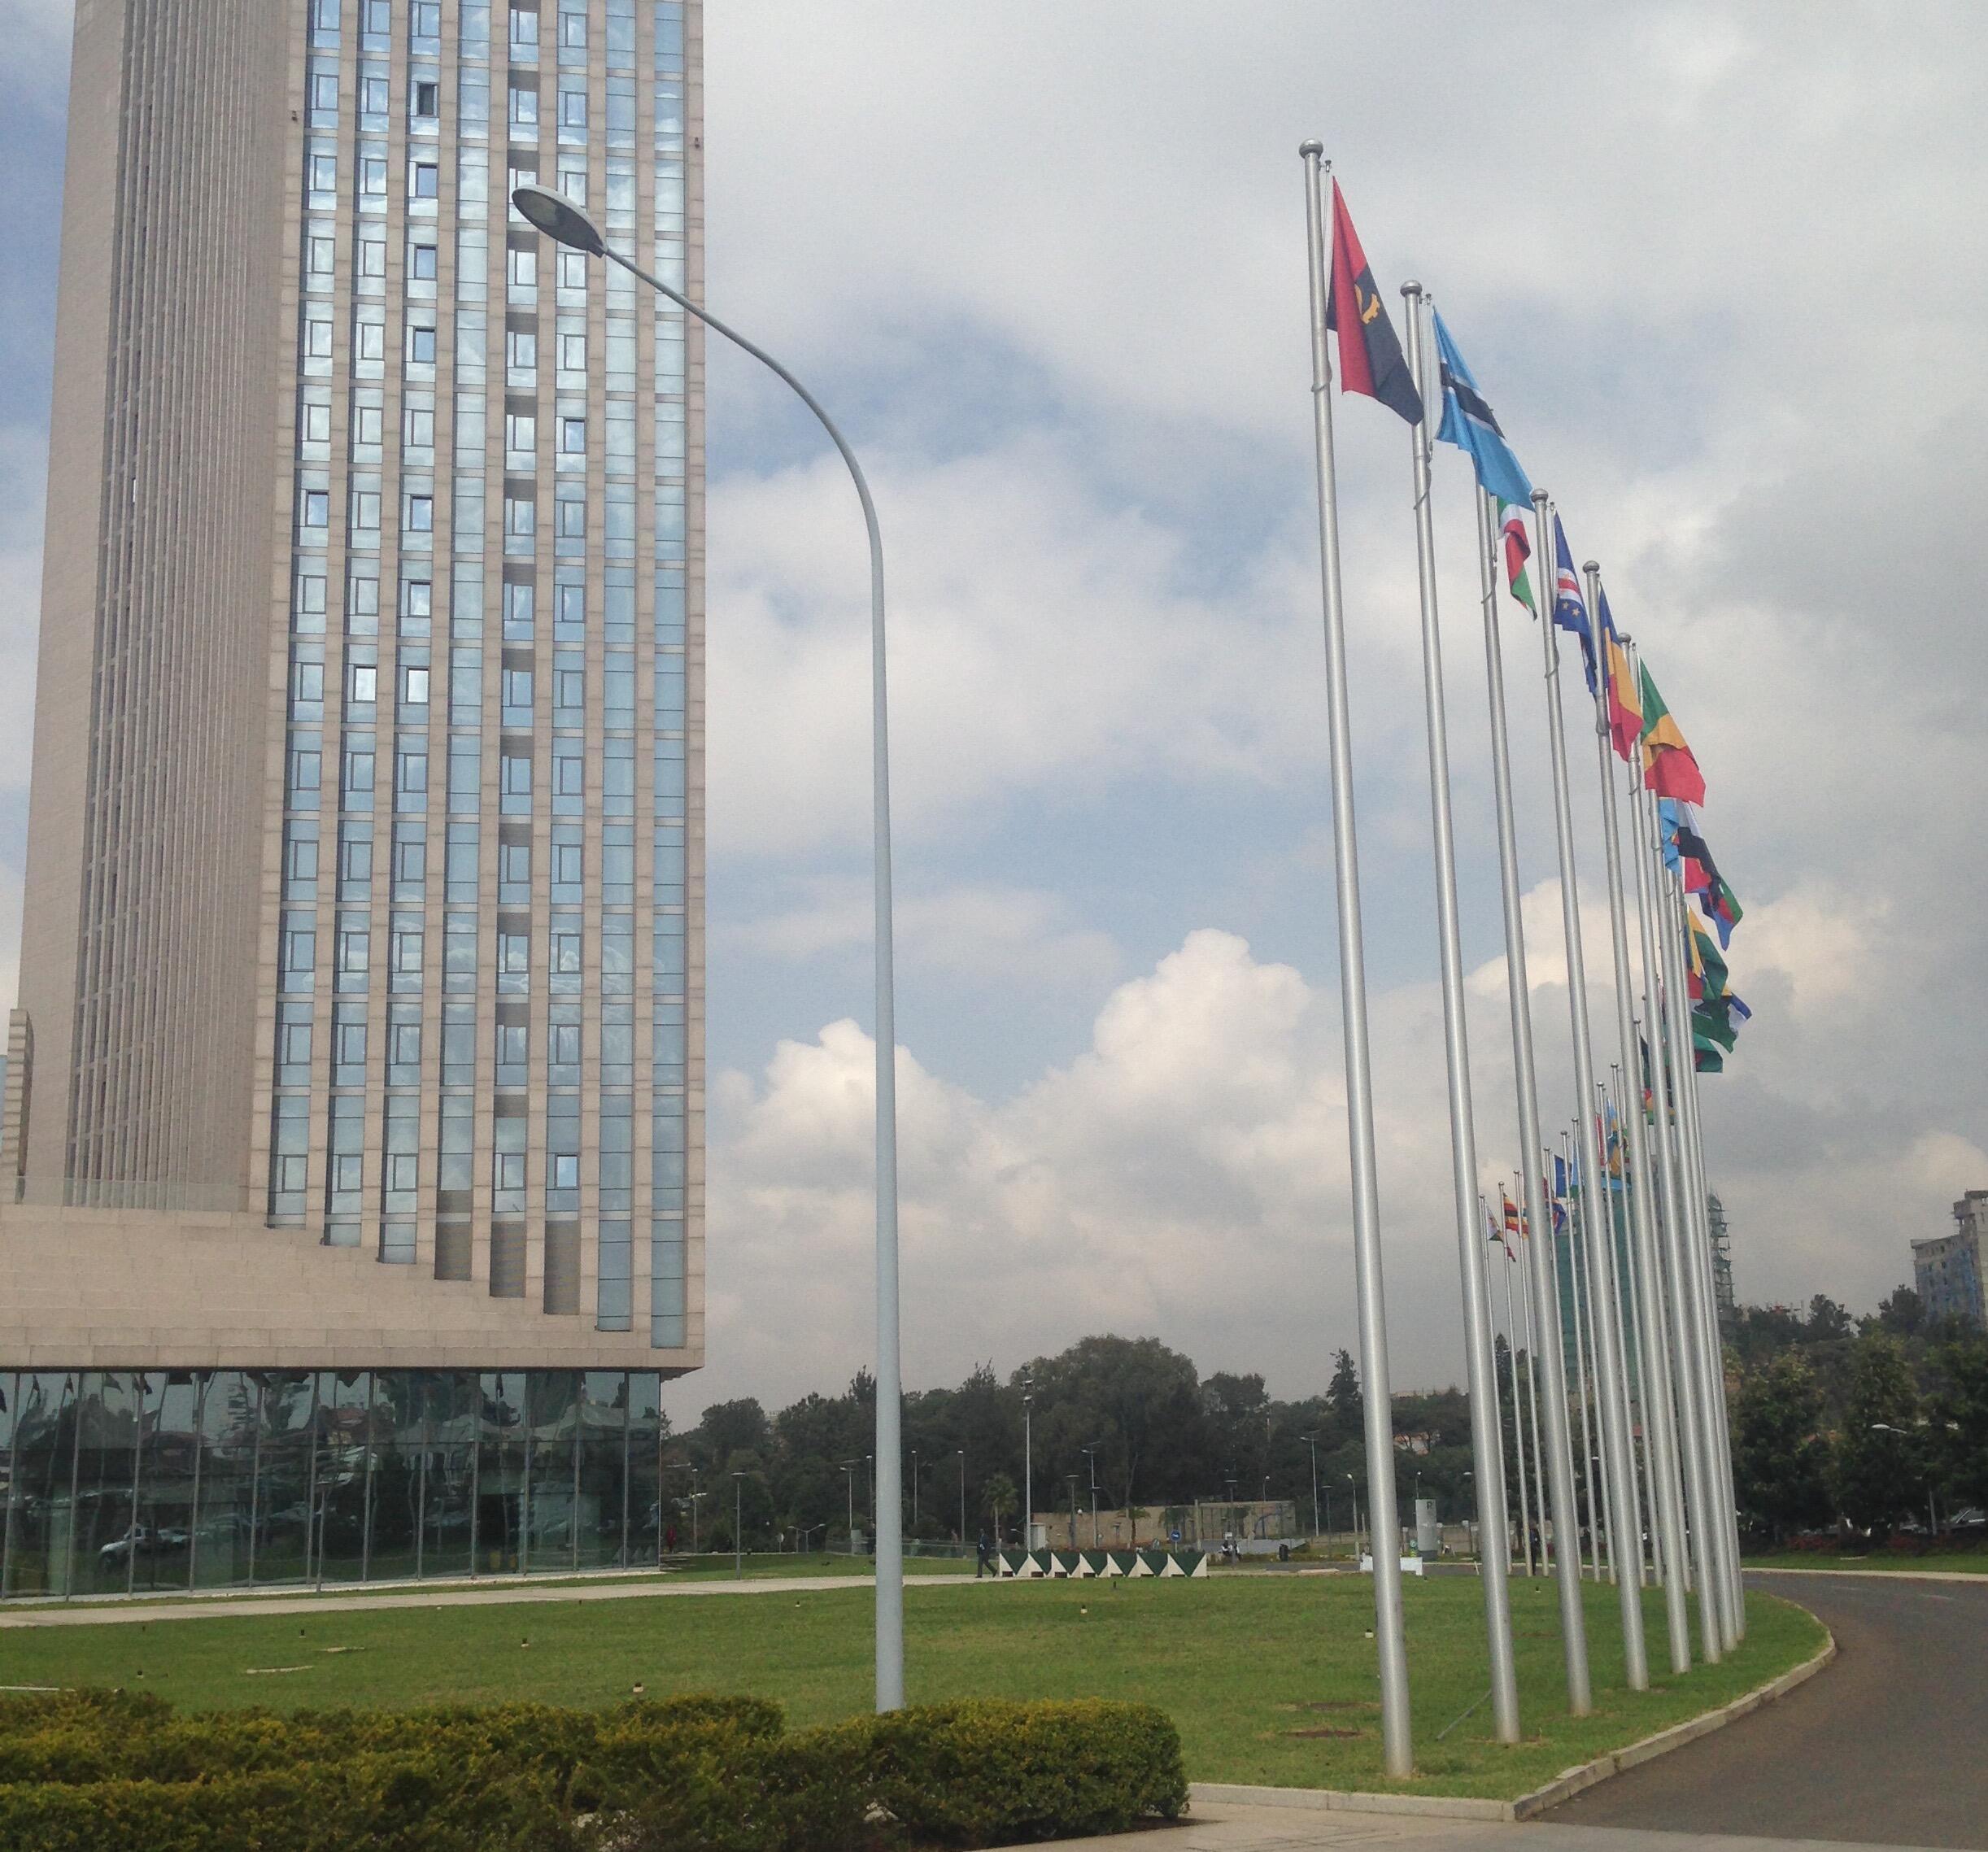 Siège de l'Union africaine à Addis Abeba, en Ethiopie.